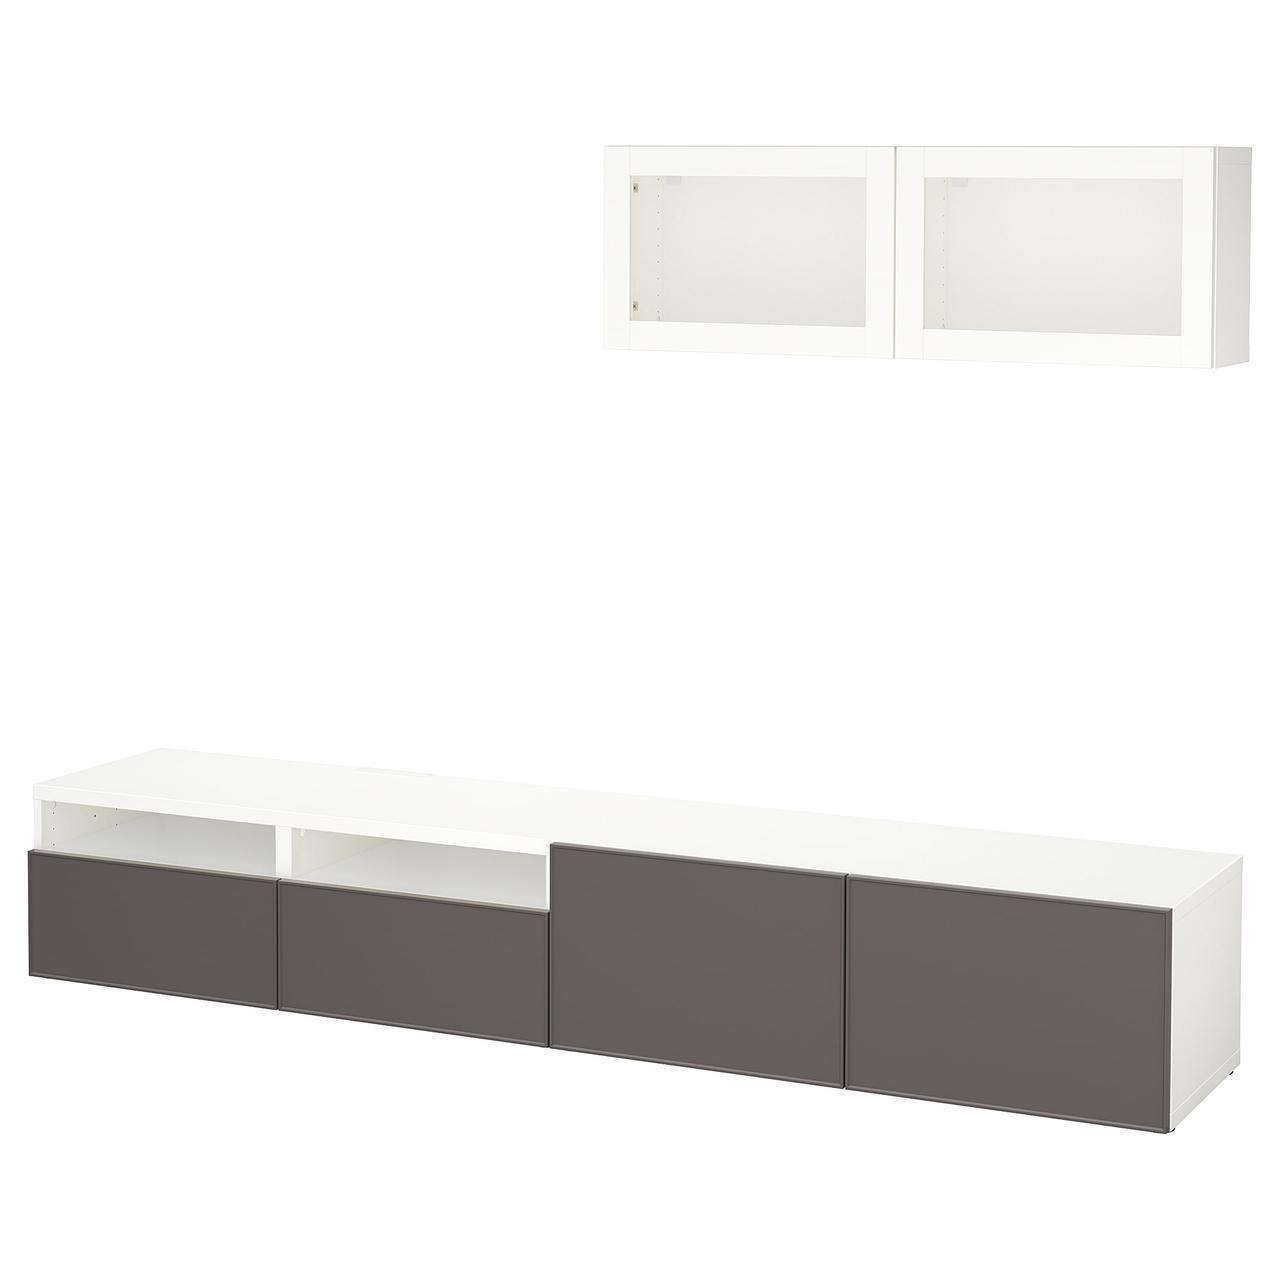 IKEA BESTA Тумба под телевизор с стеклянными дверьми, белый Грундсвикен, (592.072.92)